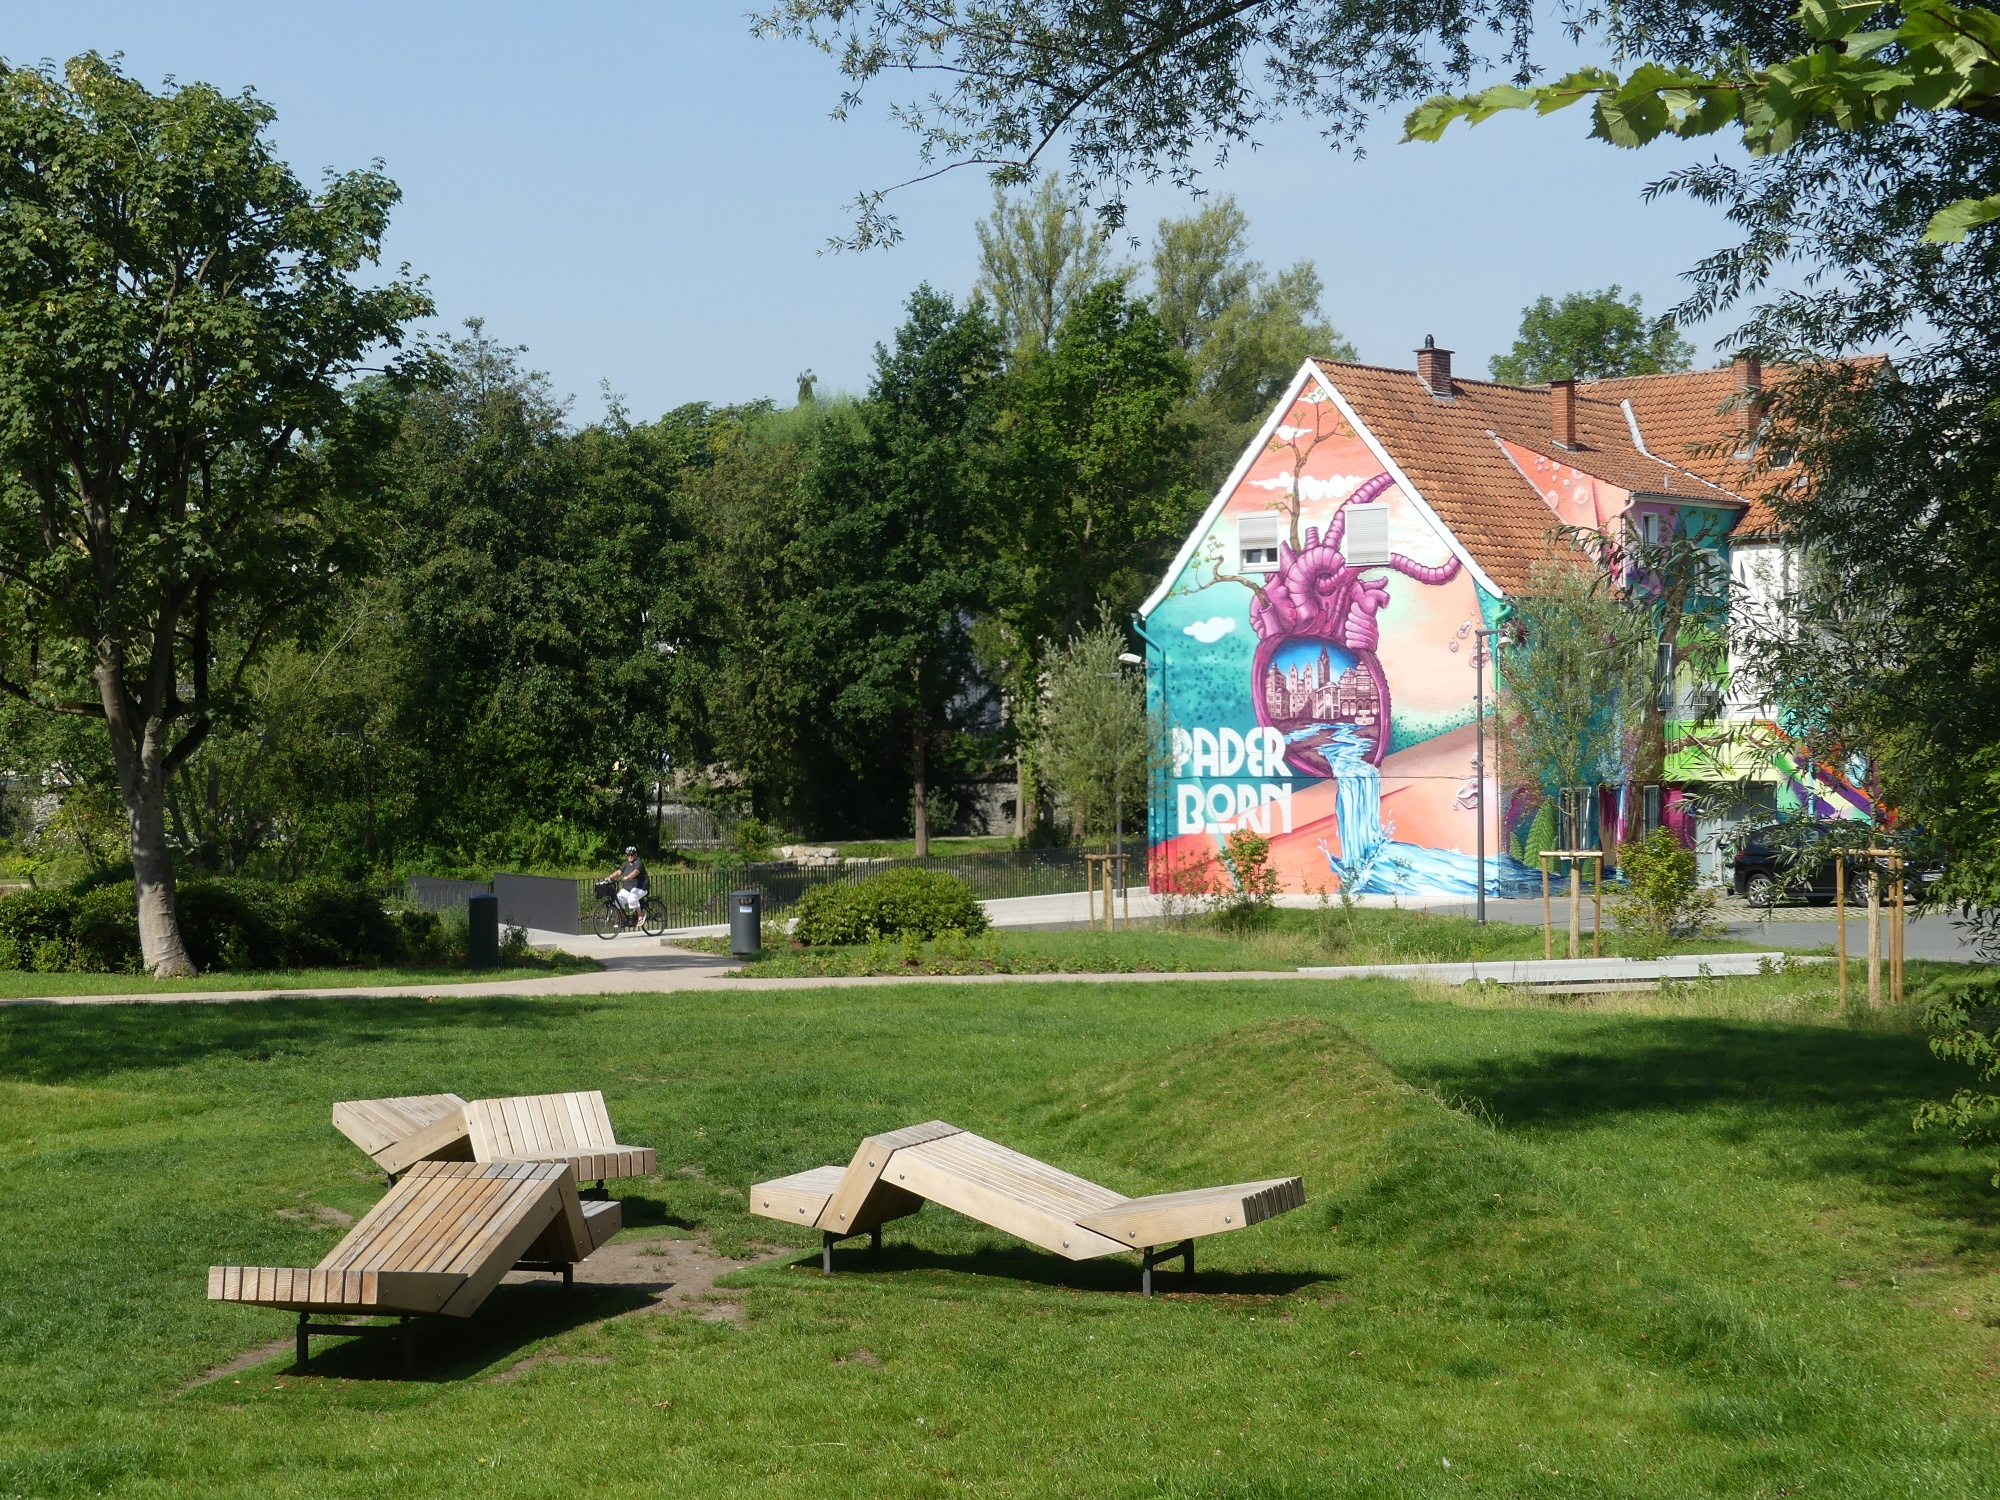 Paderborner Herzgraffiti im Mittleren Paderquellgebiet